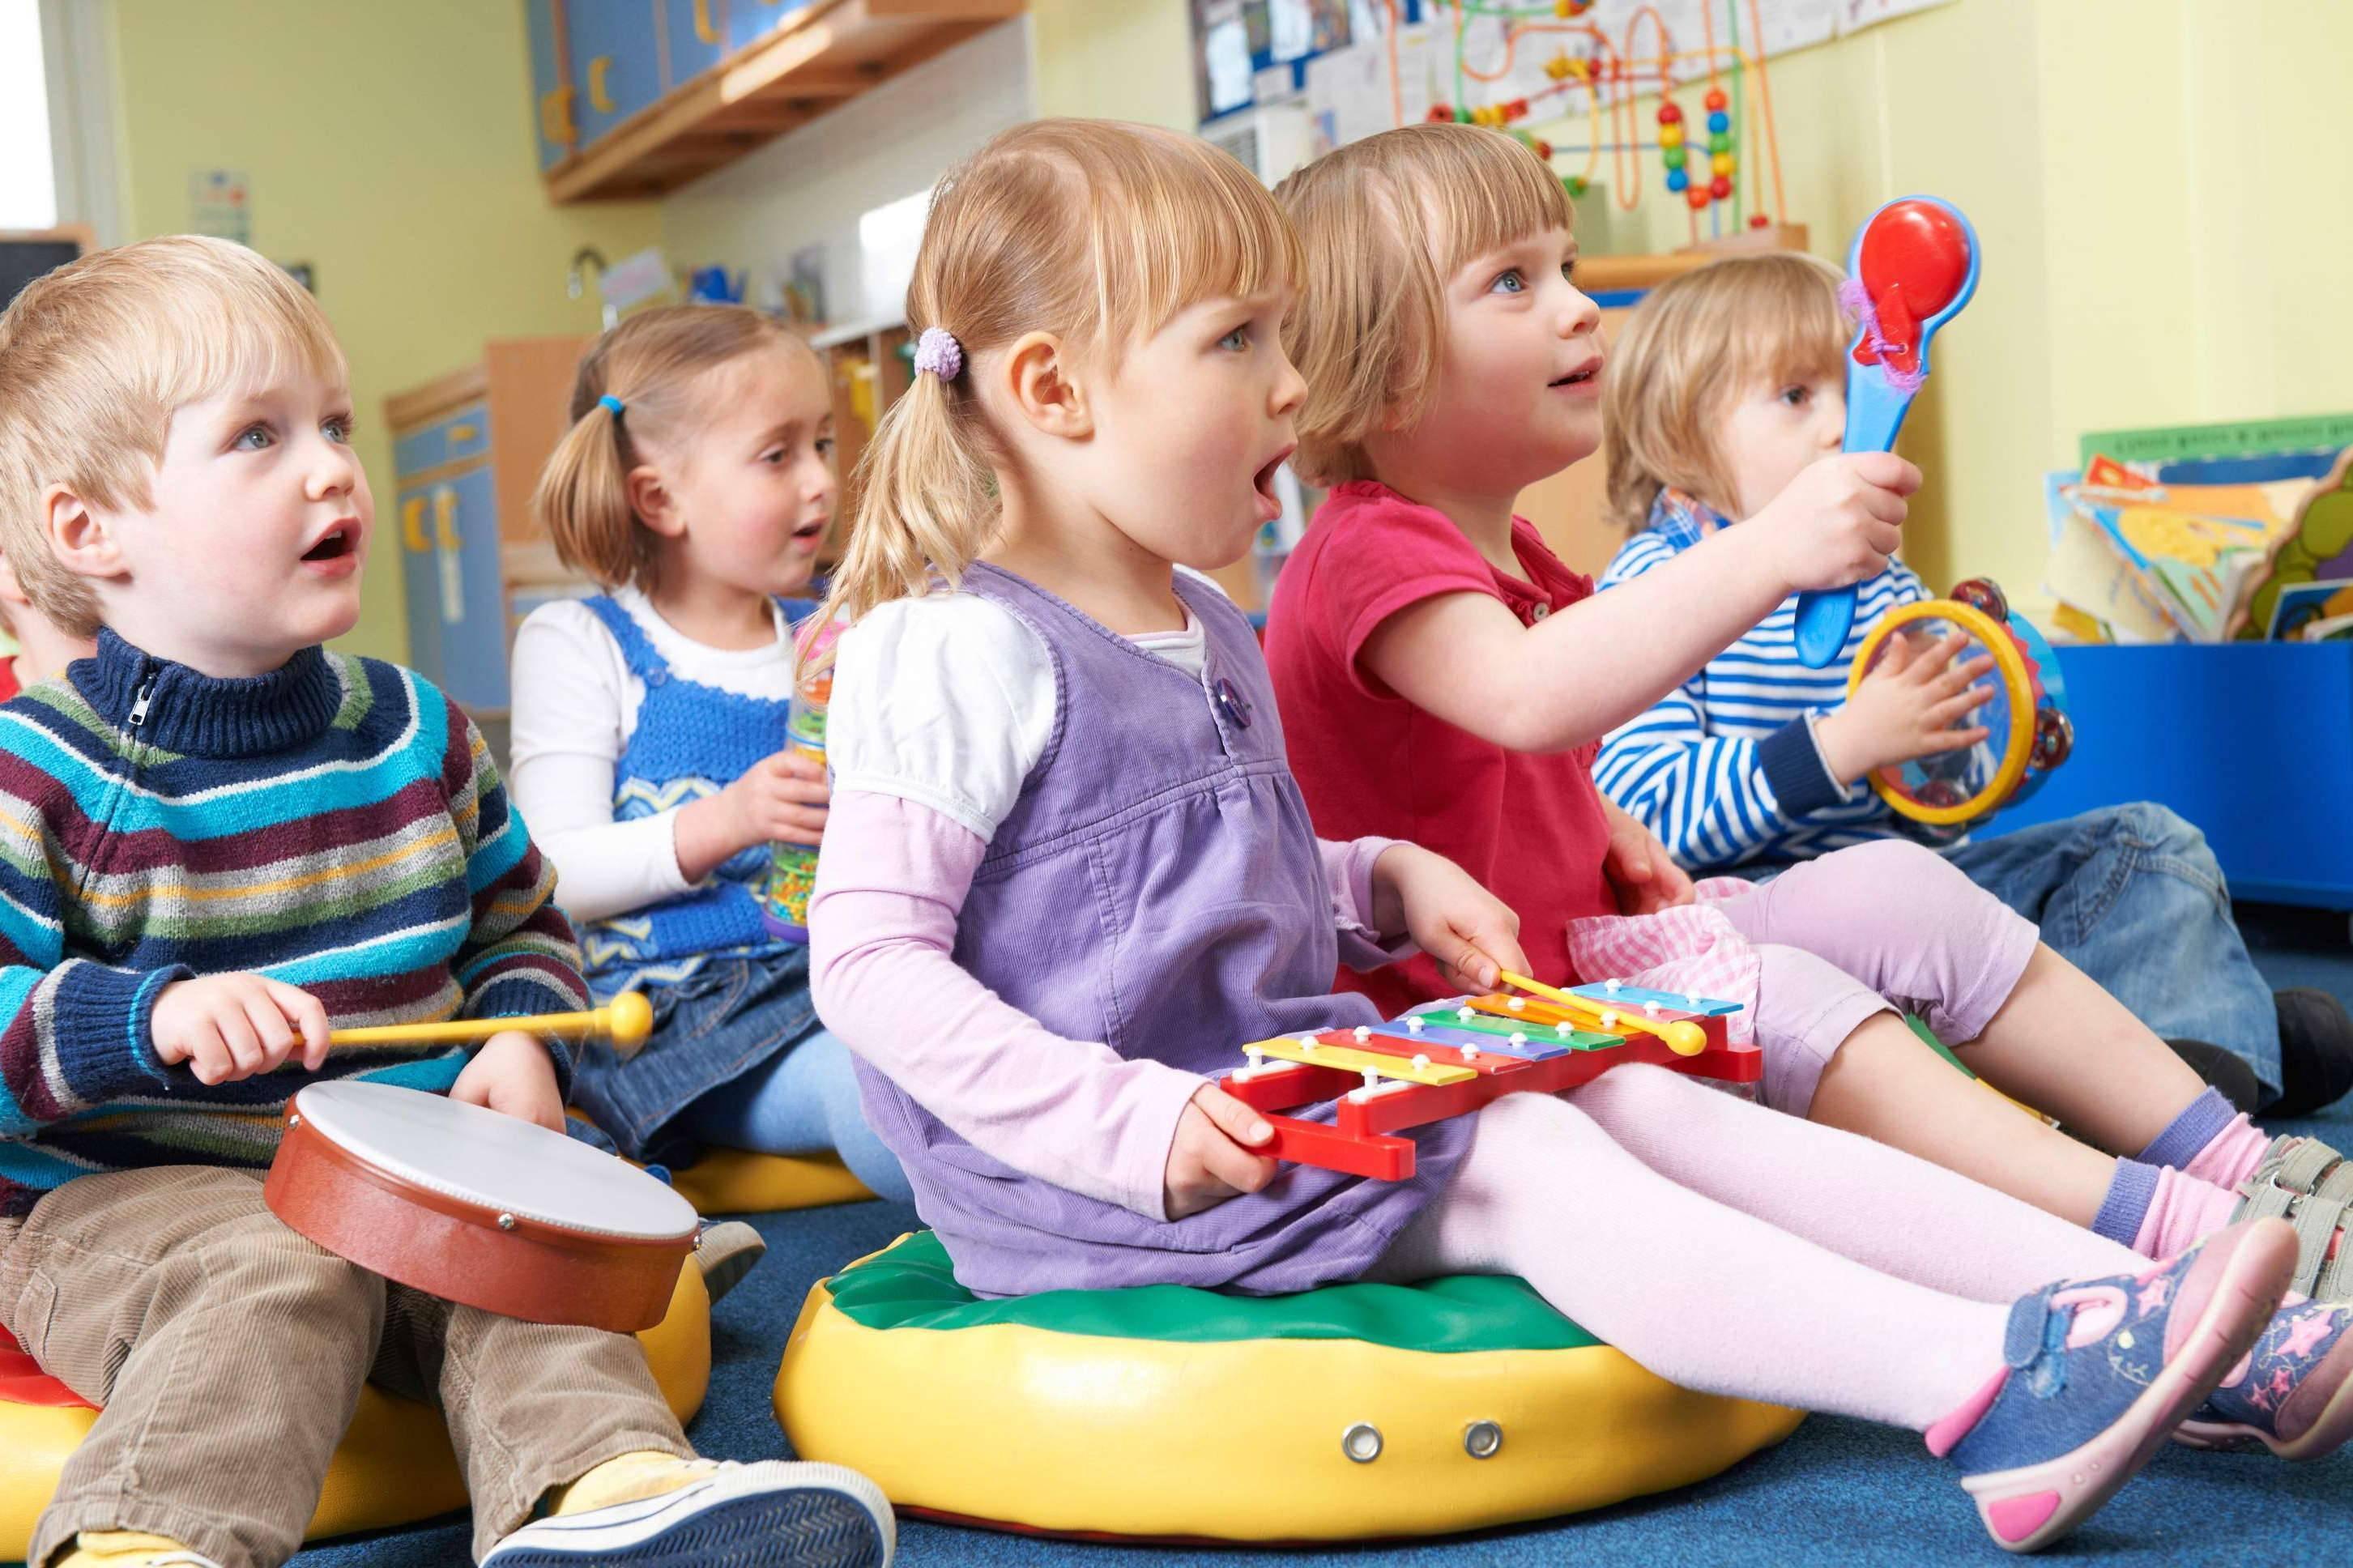 Наиболее подходящий возраст ребенка для детского сада